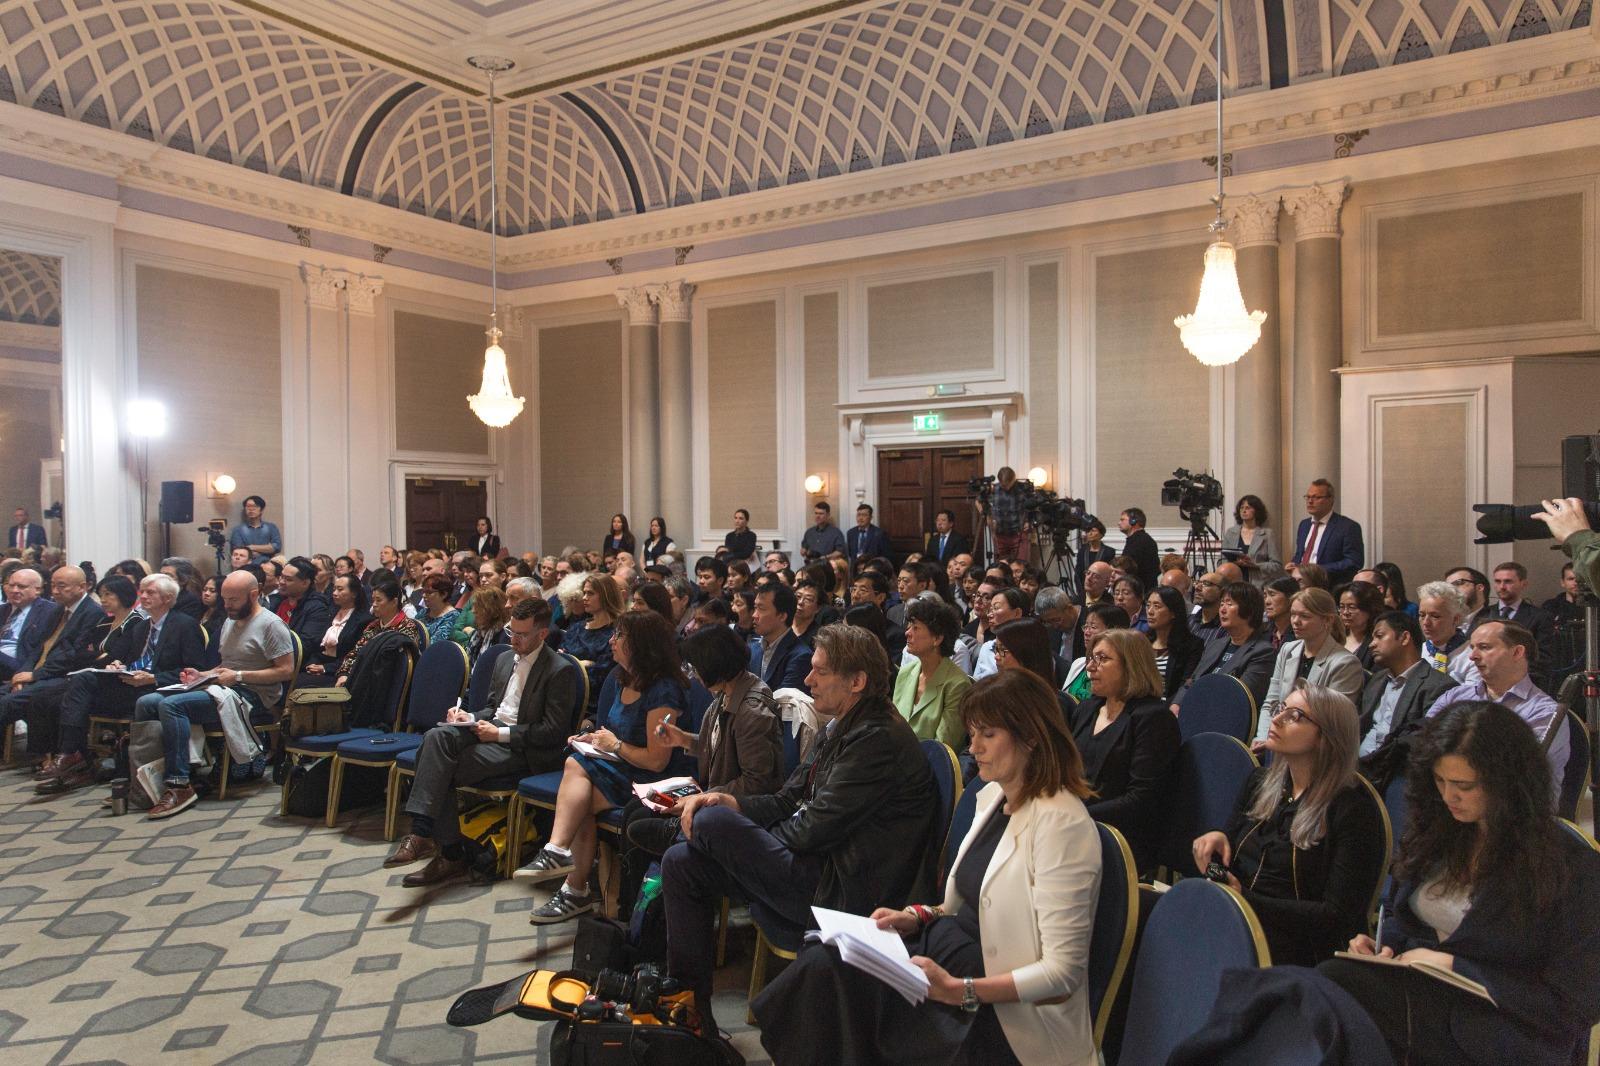 6月17日,人民法庭內聚集了大約200名旁聽的民眾。(冠奇/大紀元)